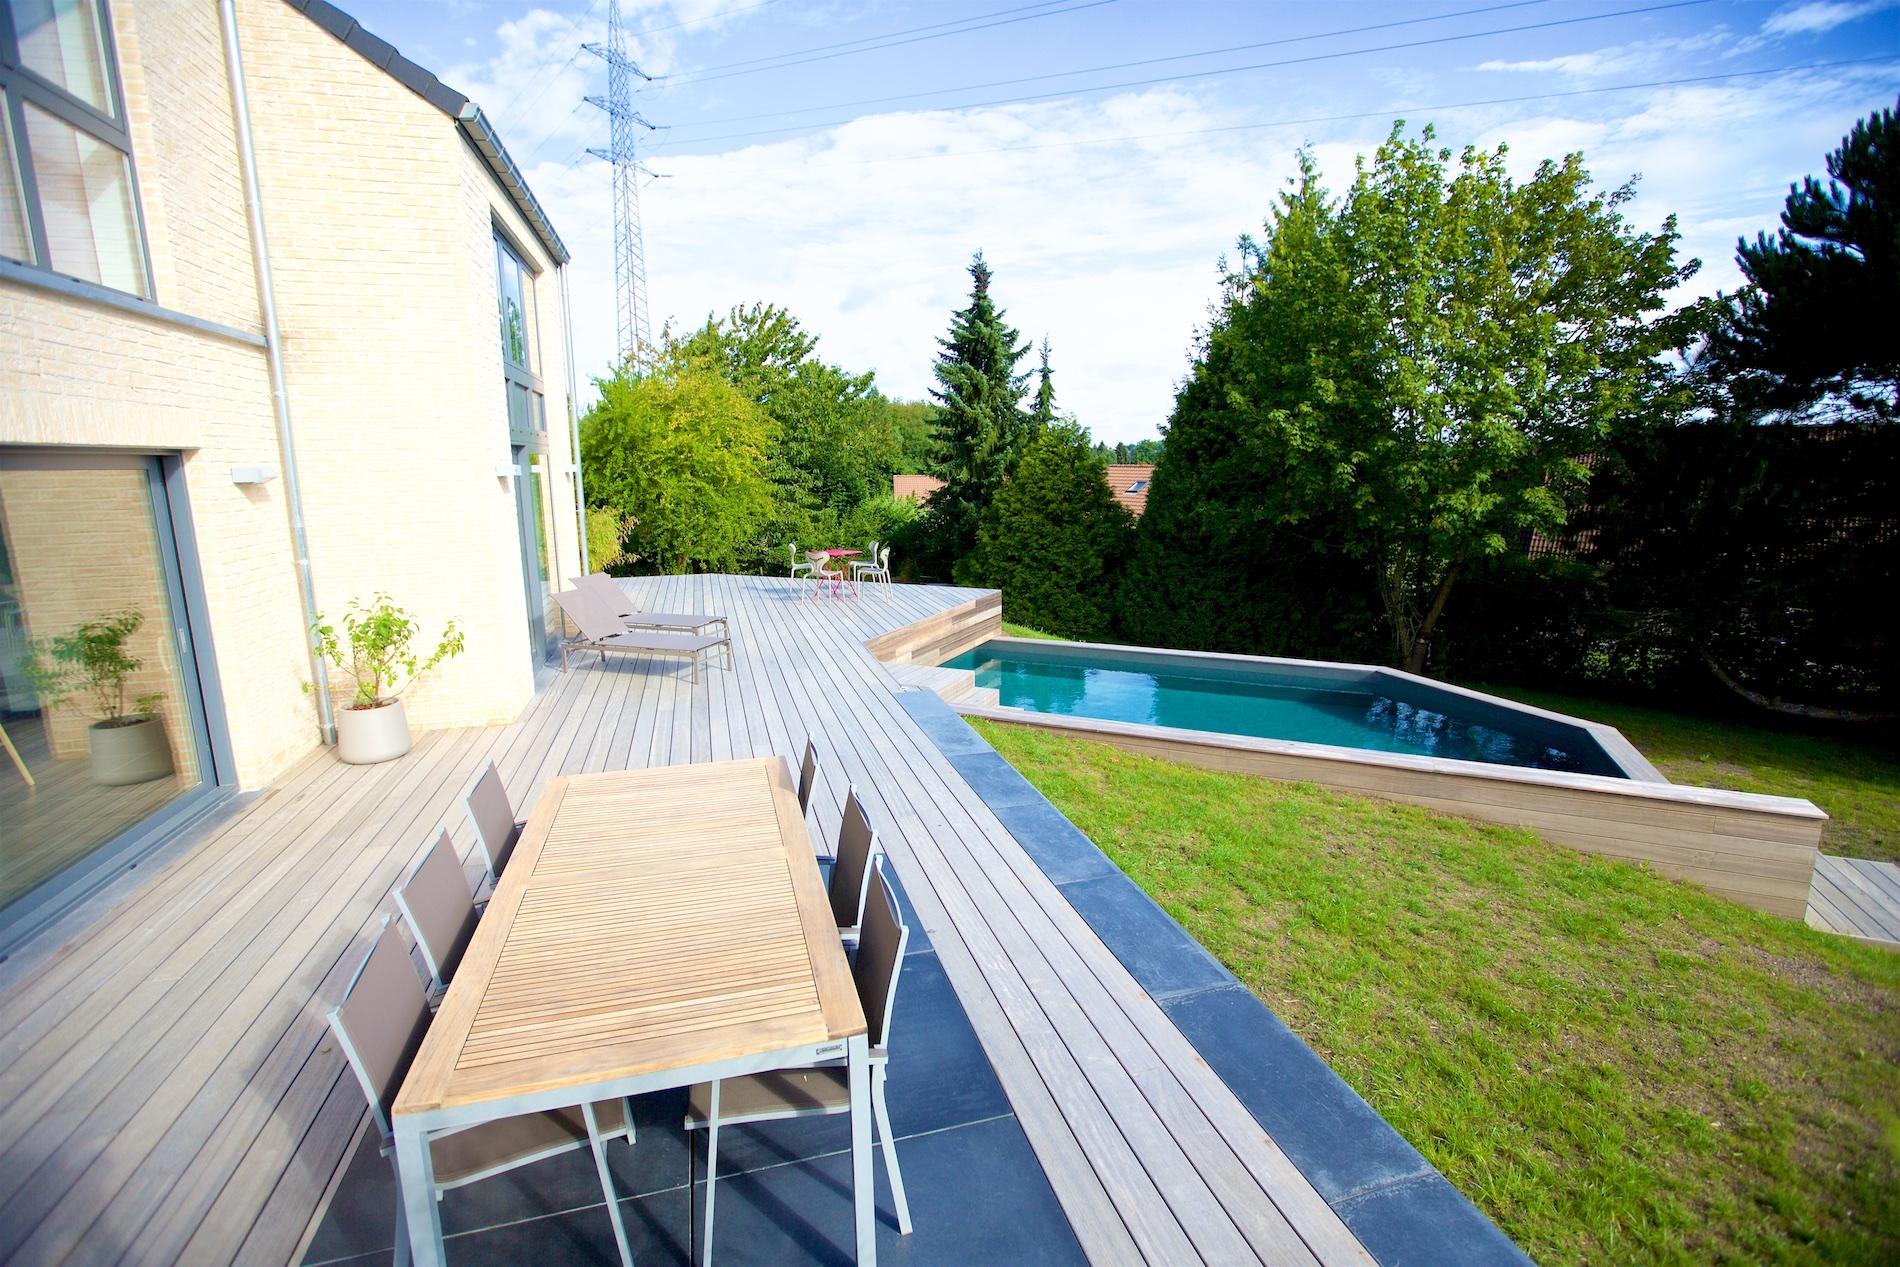 Maison novirtua 1 5 novirtua for Accessoire piscine namur